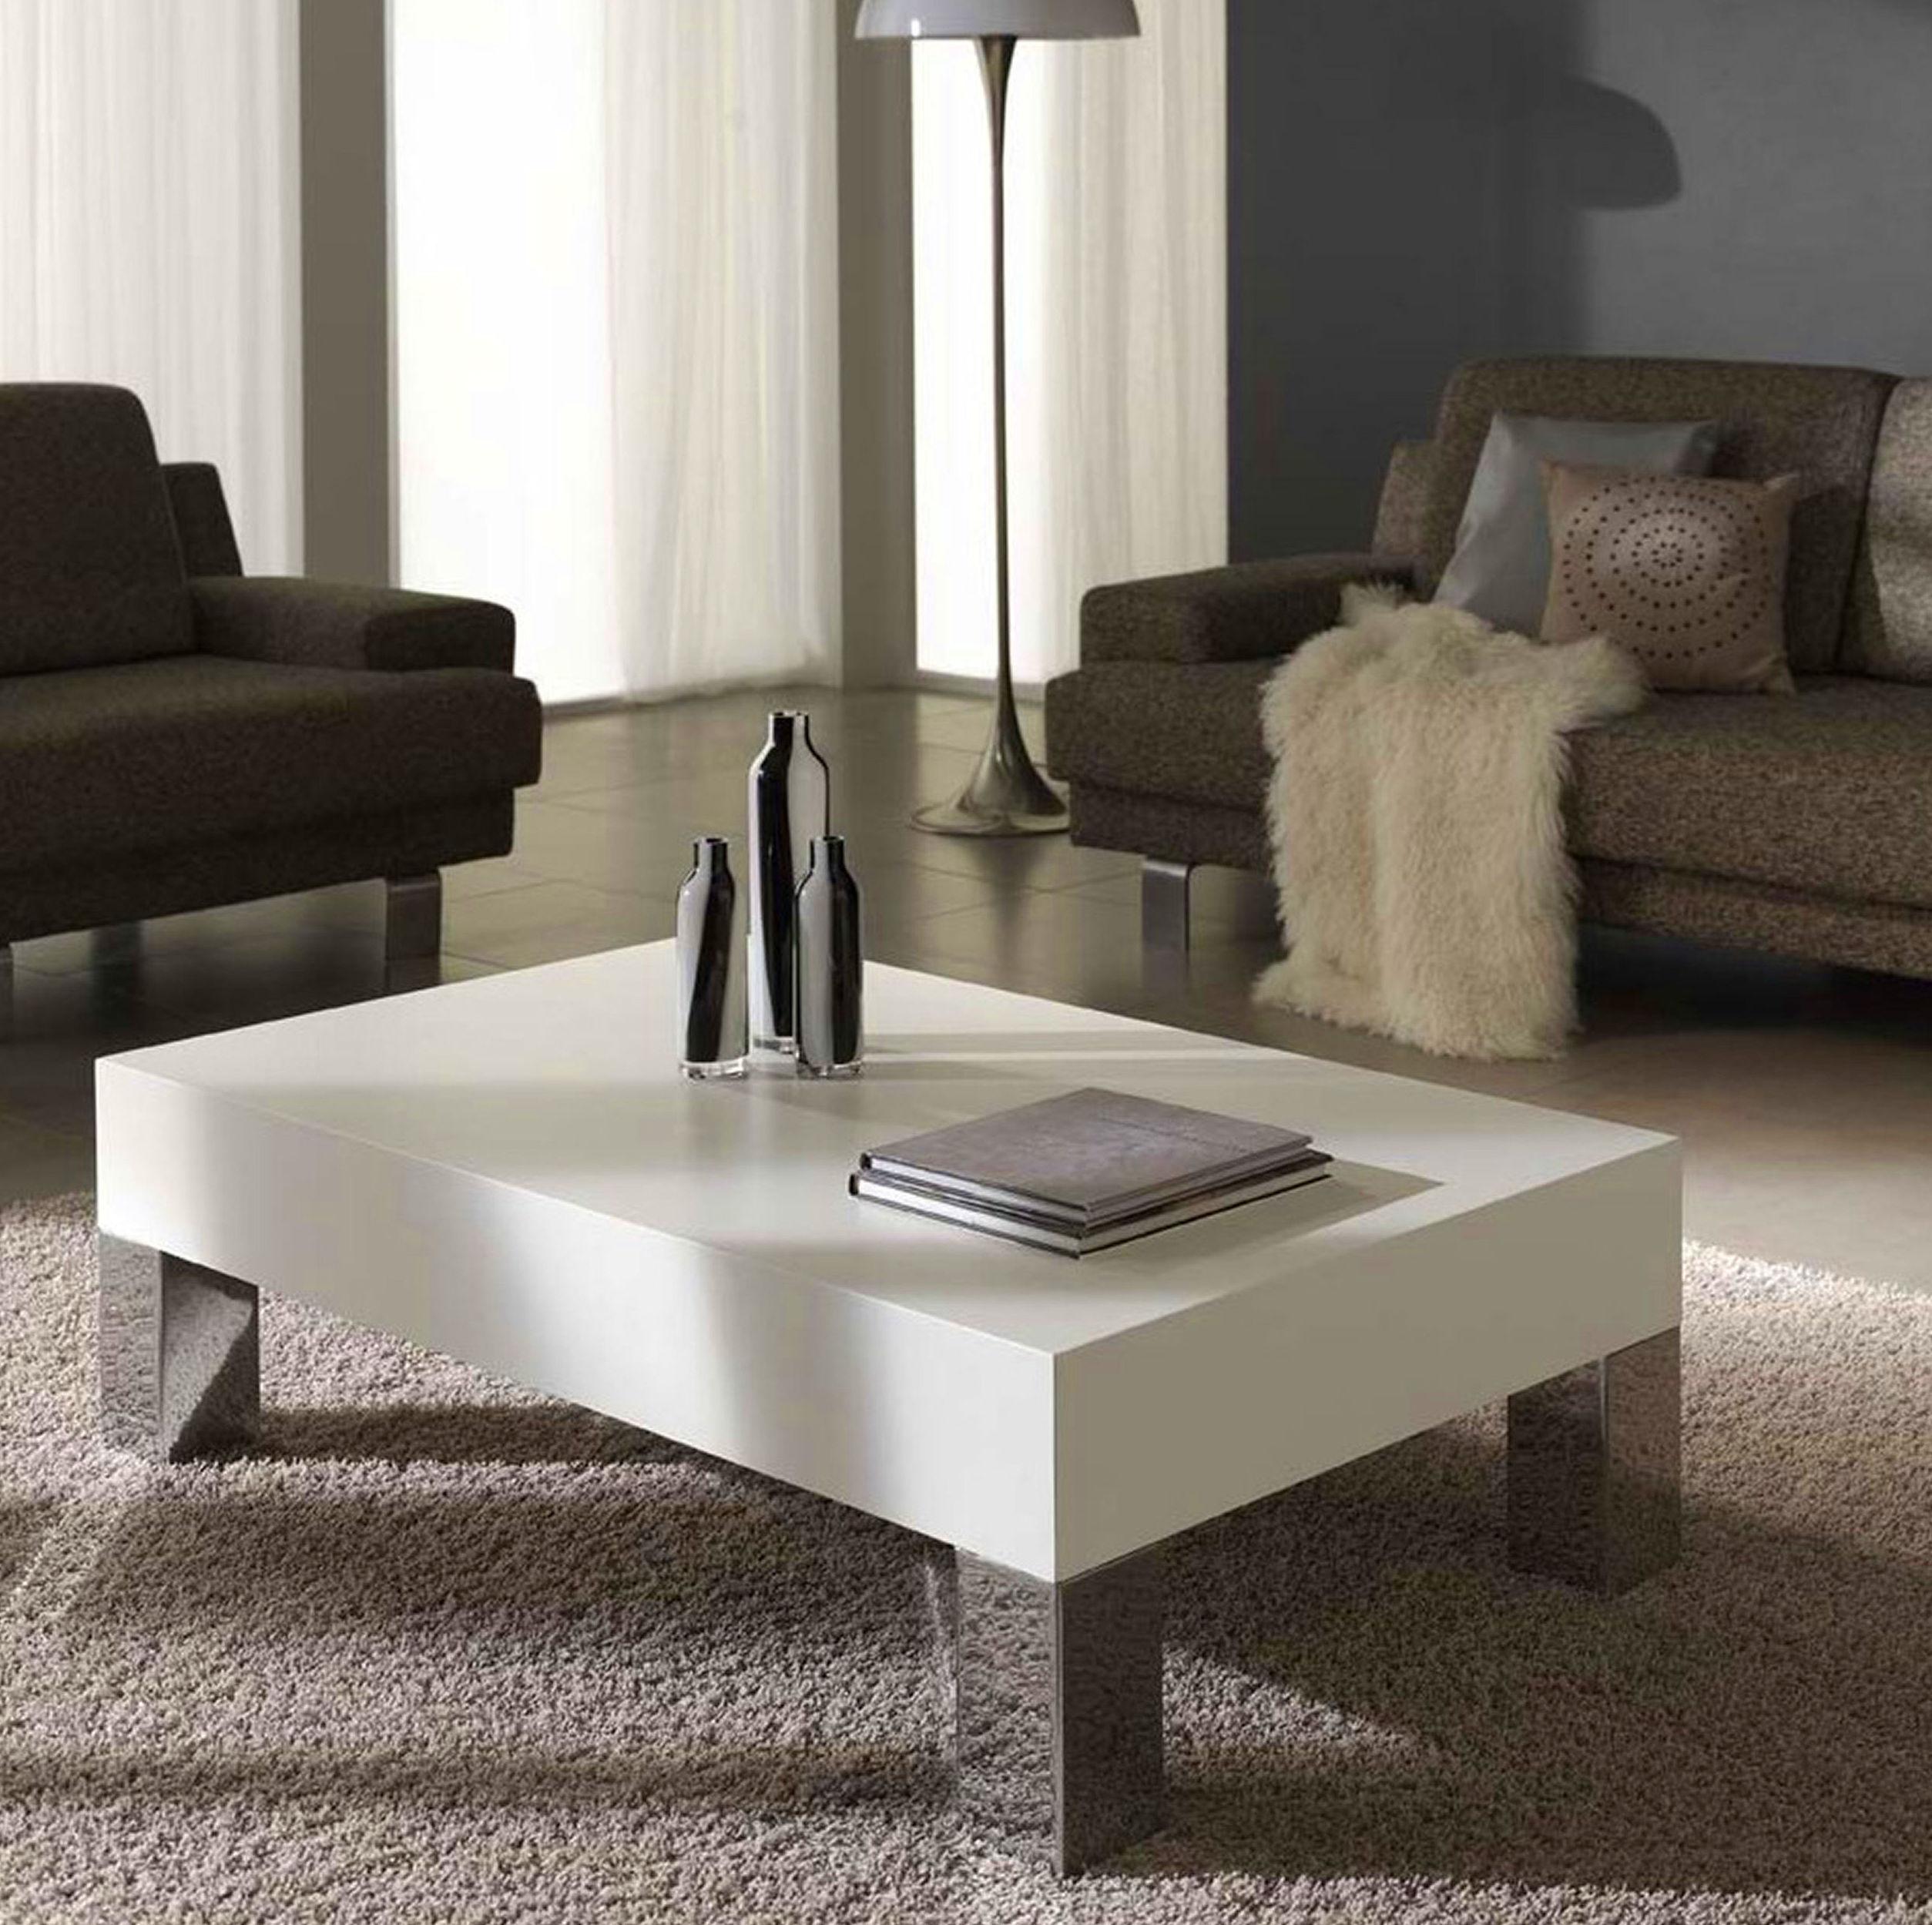 Foto 2 De Fabricaci N De Muebles En Xeraco Inedit Mobiliari # Muebles Cullera